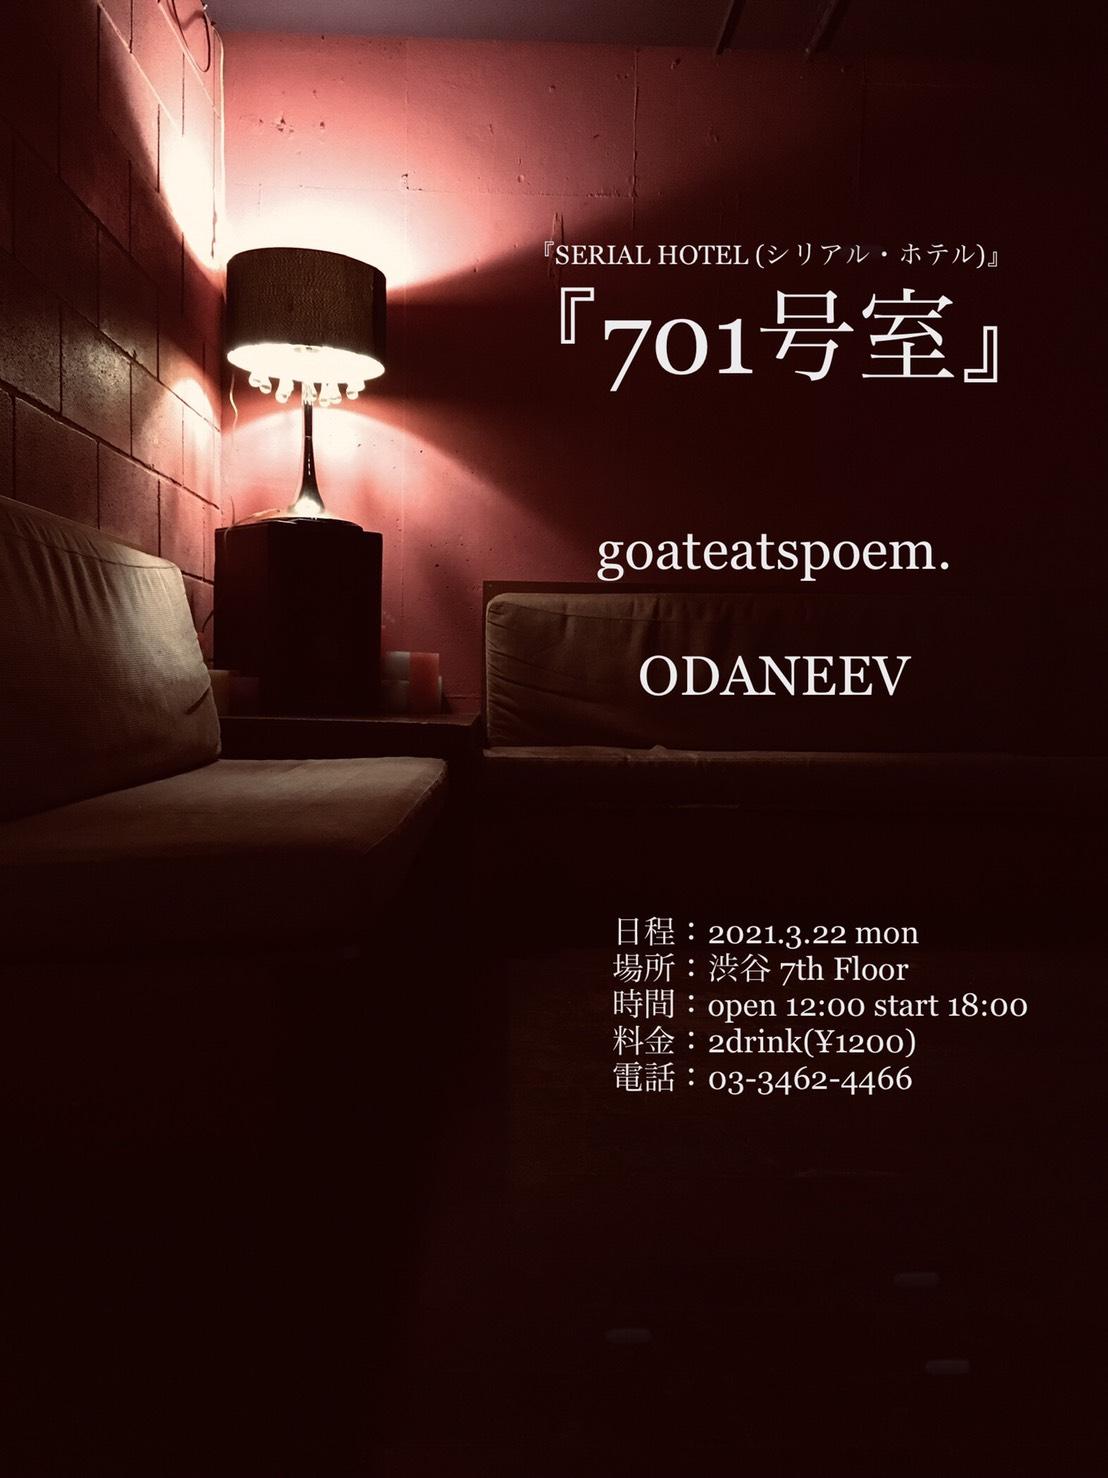 『701号室』